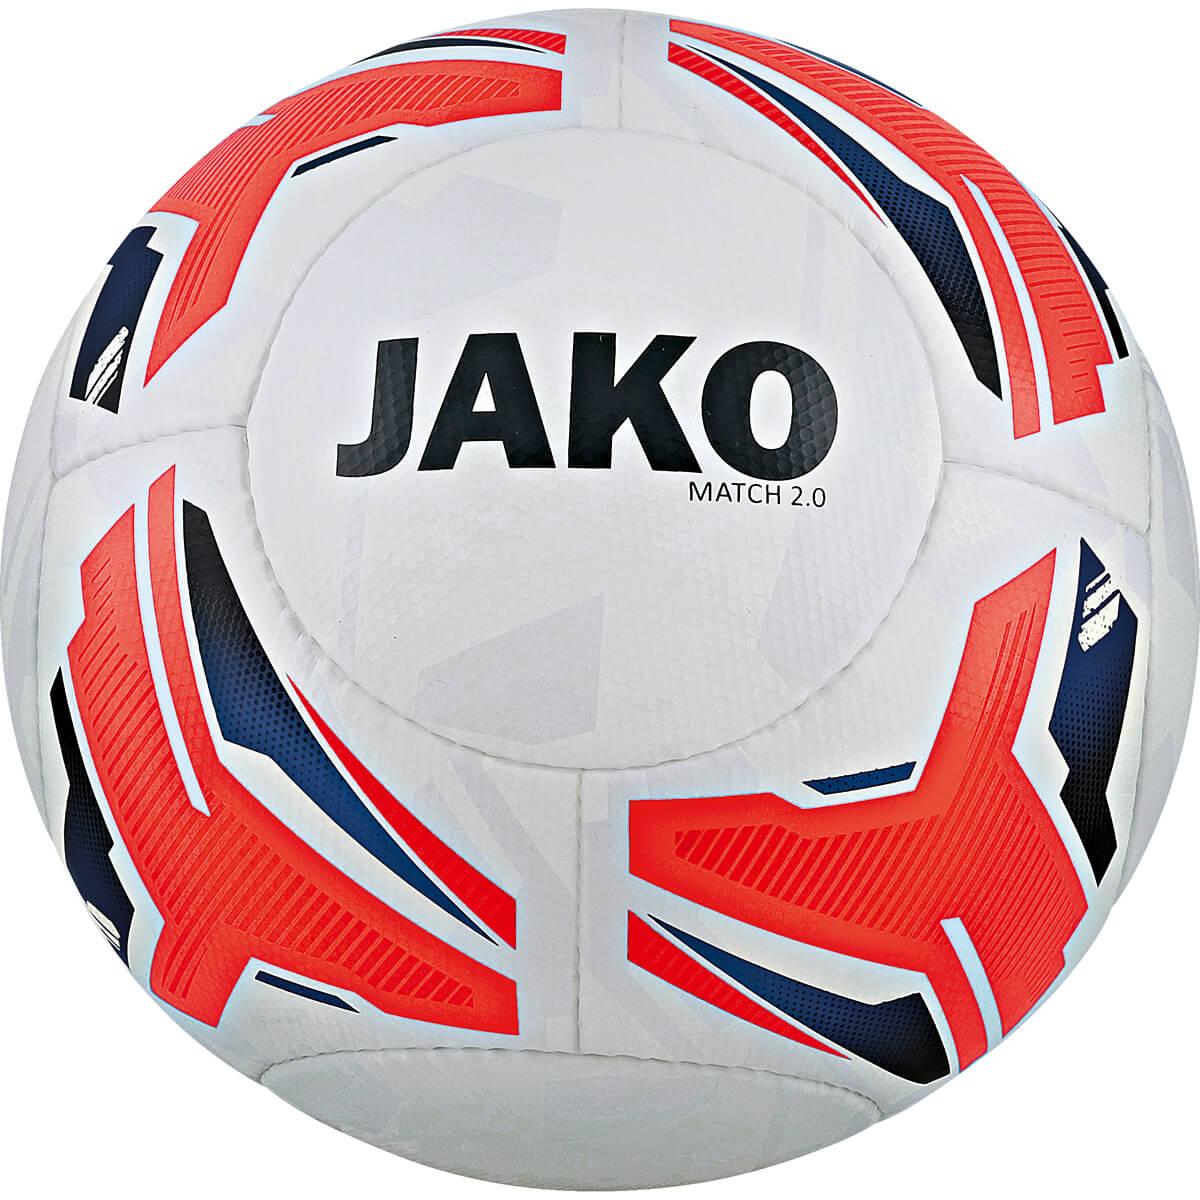 Spielball Match 2.0 -  | Jako 2328